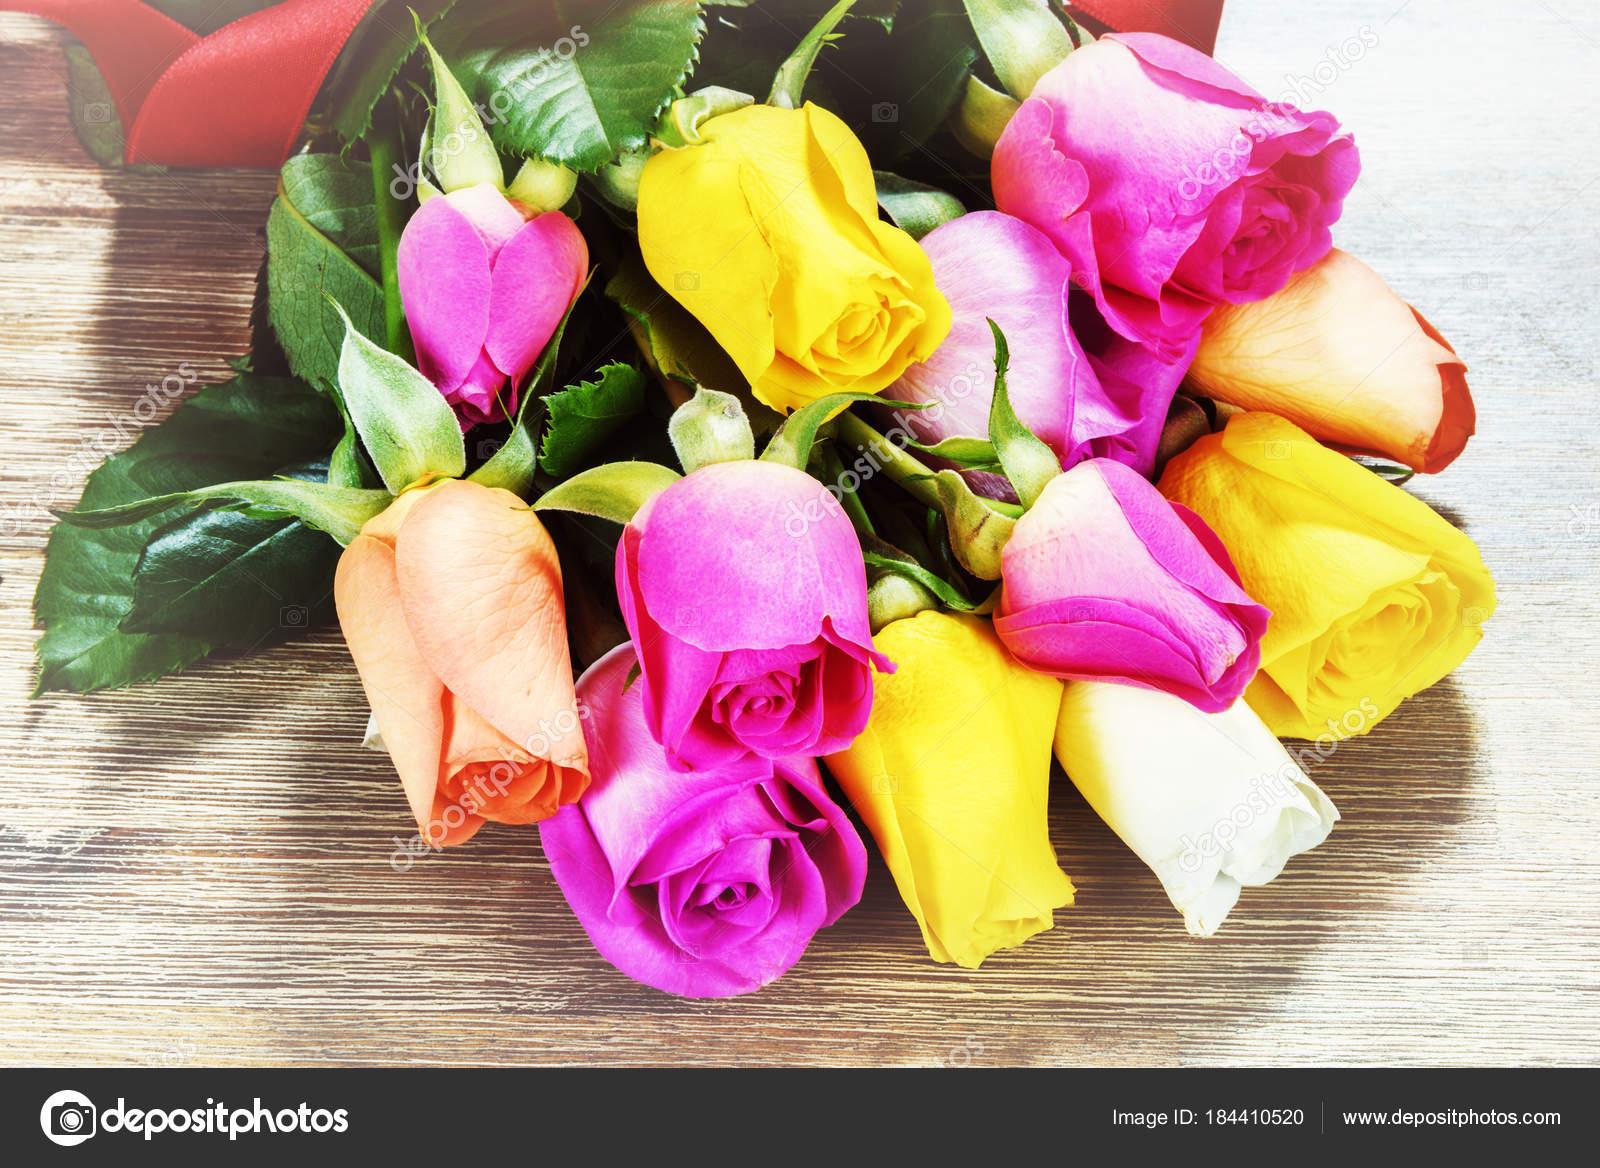 Vue Bouquet Roses Multicolores Photographie Paulgrecaud C 184410520